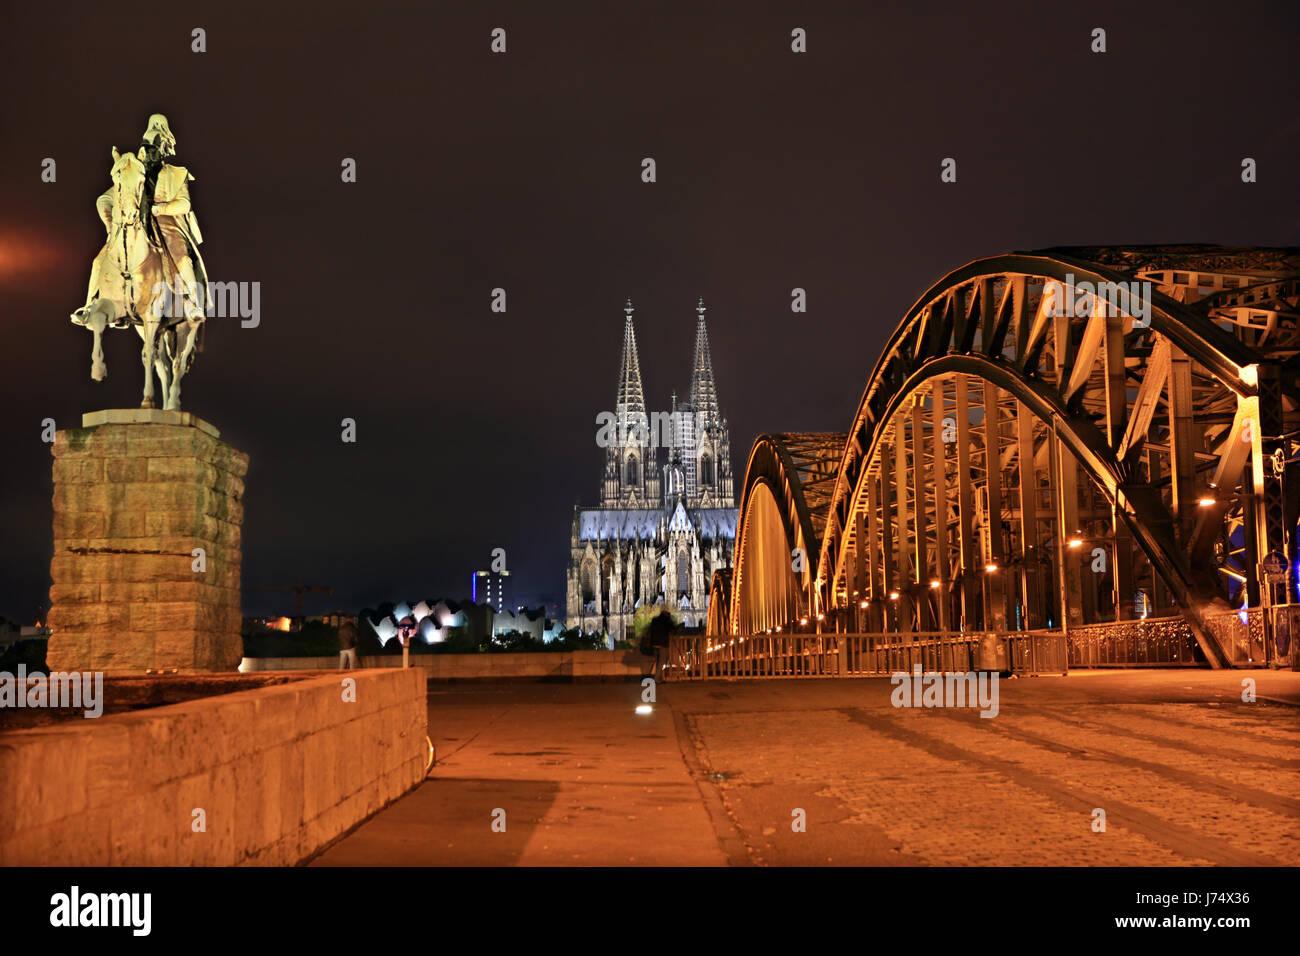 Kolner Dom Denkmal Brucke Rhein Bei Nacht Nachts Beleuchtet Stockfotografie Alamy